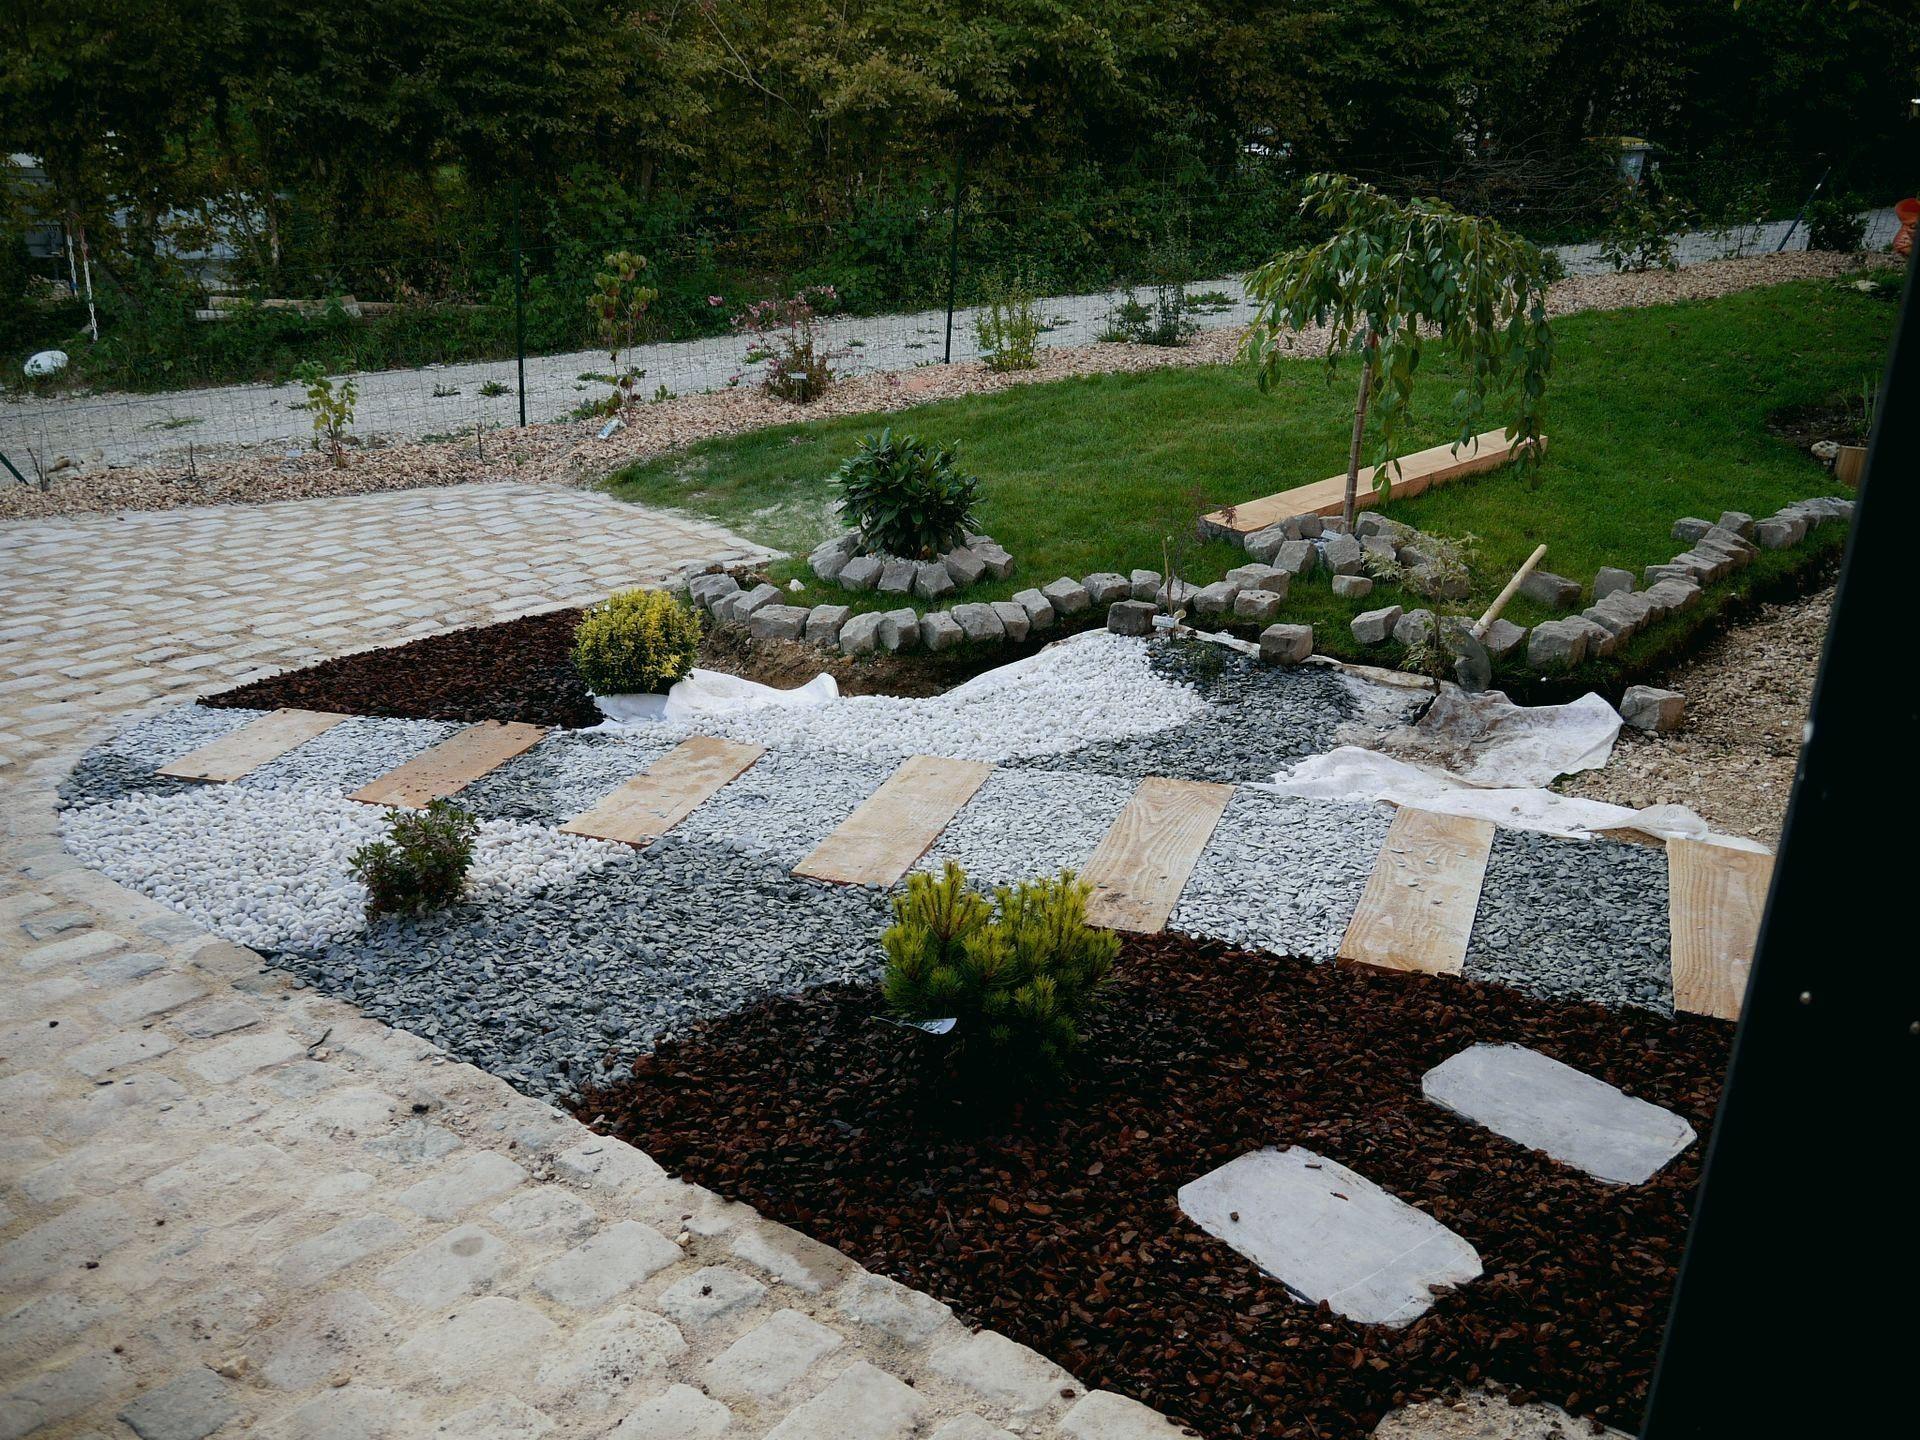 All E De Jardin Pas Cher Design De Maison Bordure Alle ... concernant Bordures Jardin Pas Cher